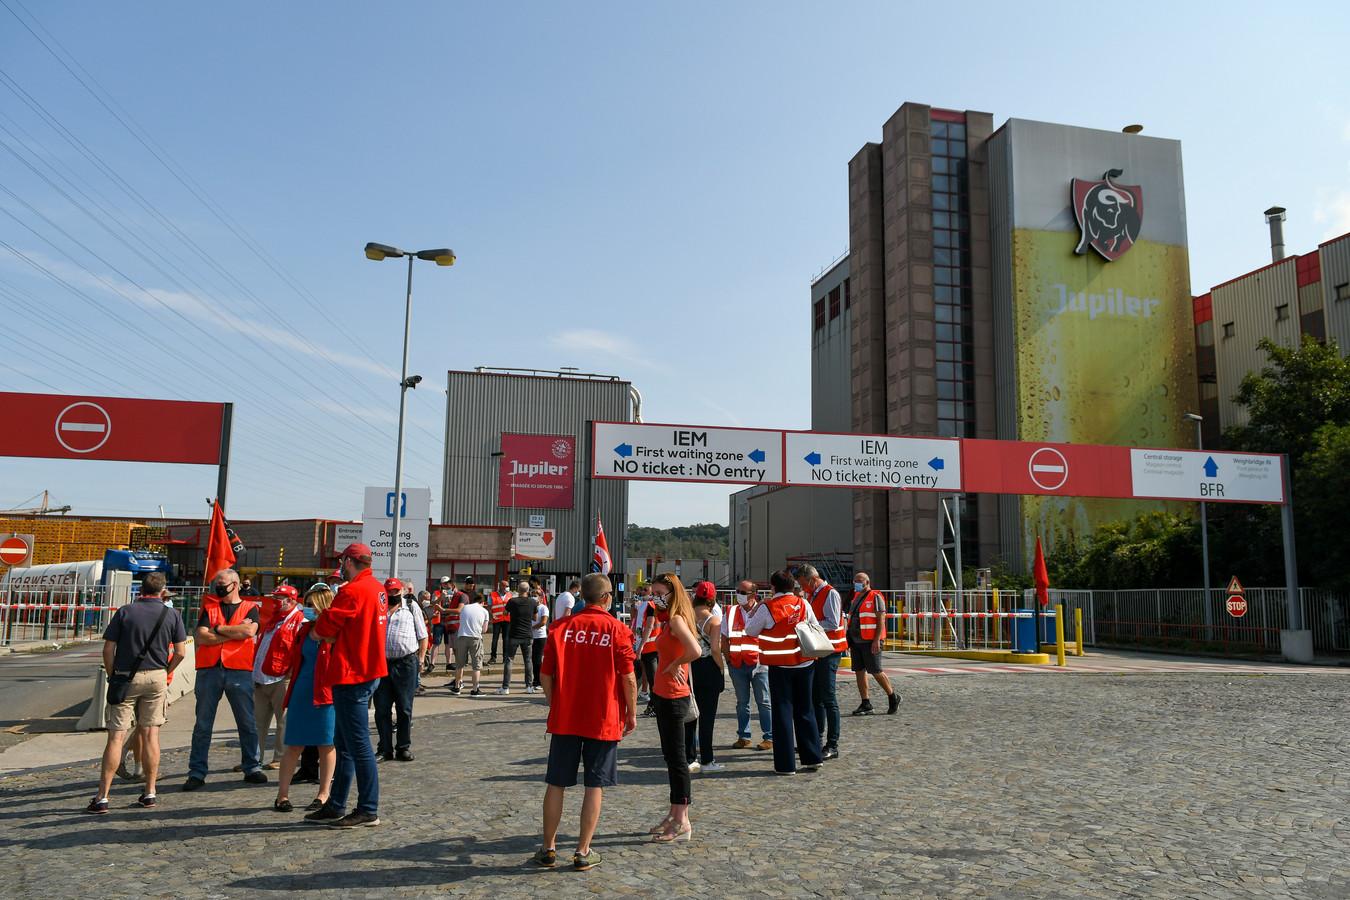 Beelden van een steunactie aan de brouwerij in Jupille maandag.